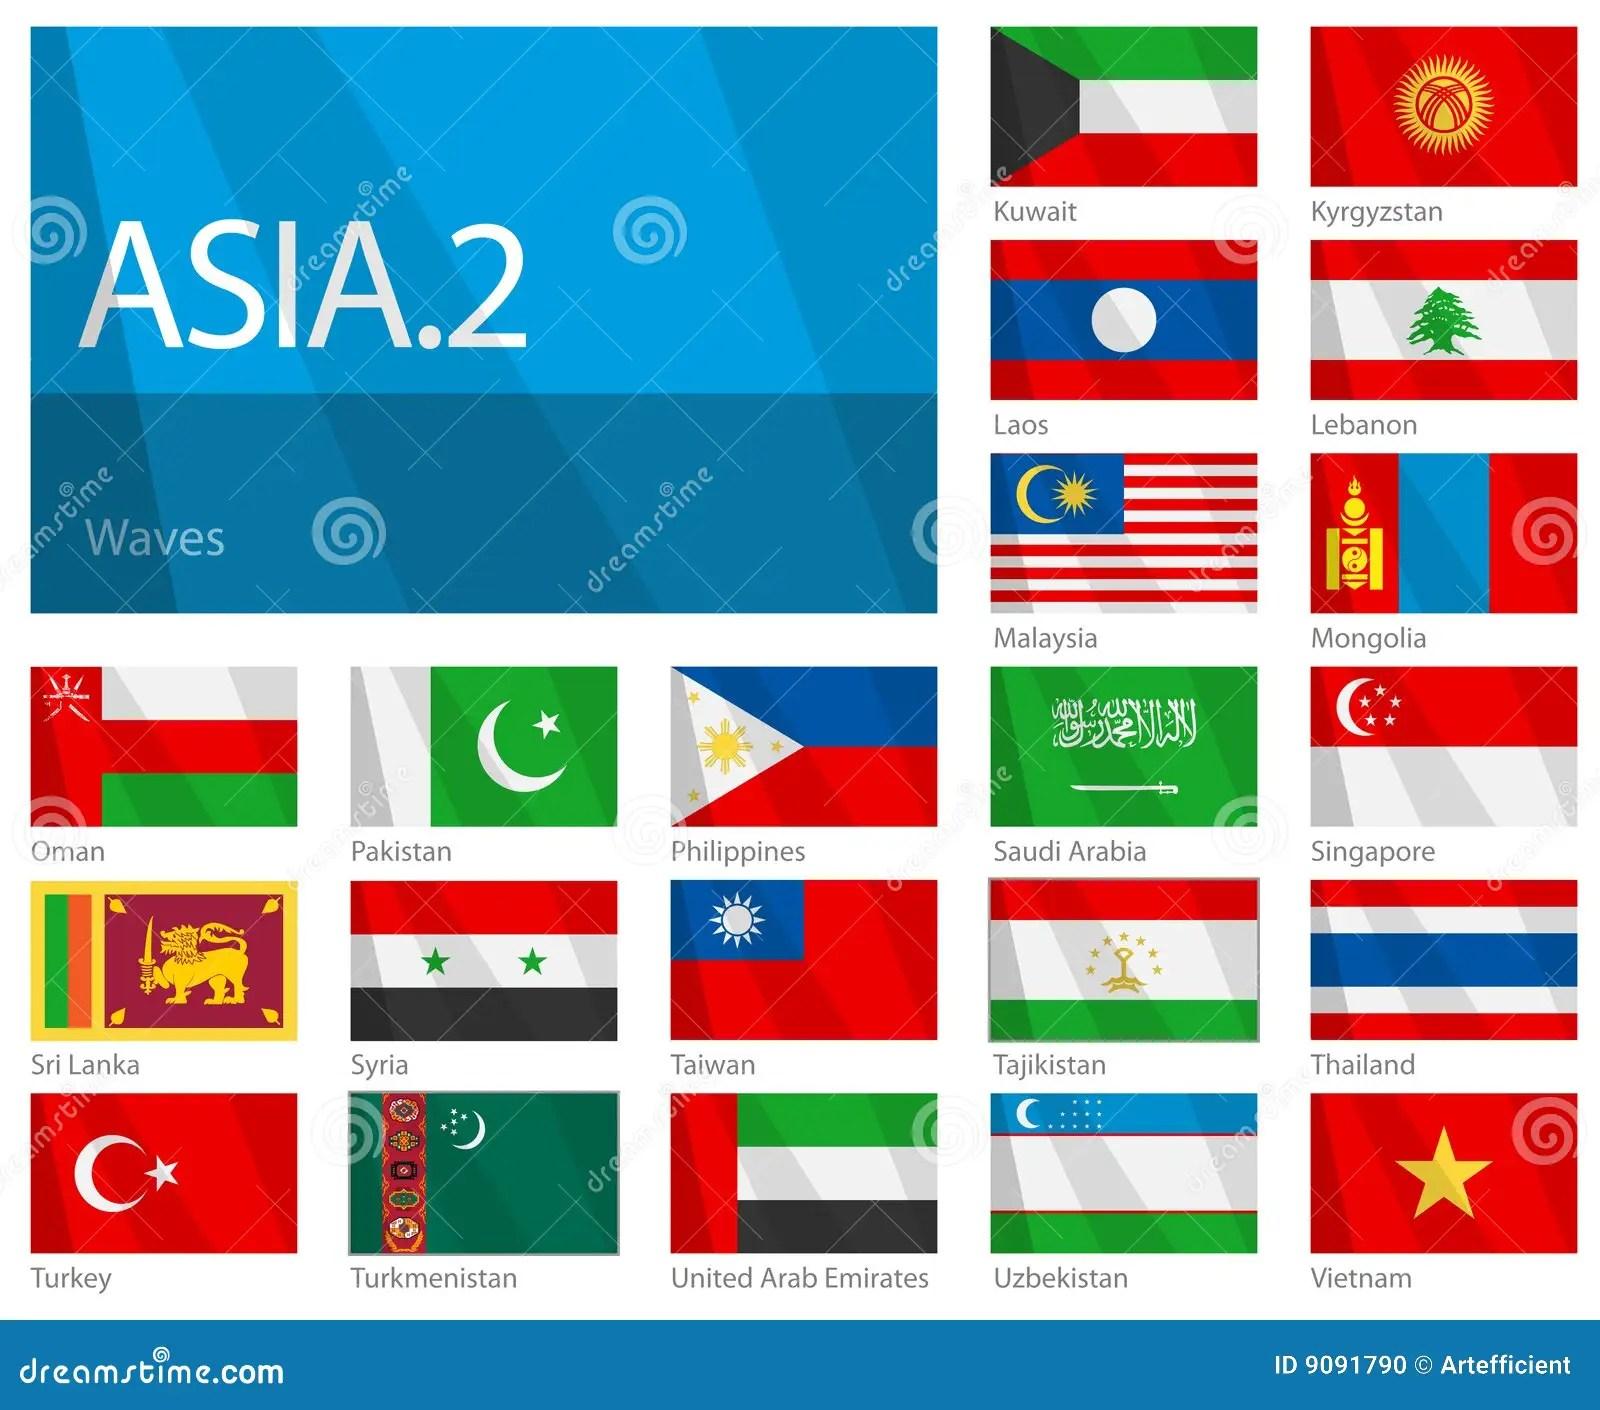 Bandeiras De Ondulacao De Paises Asiaticos